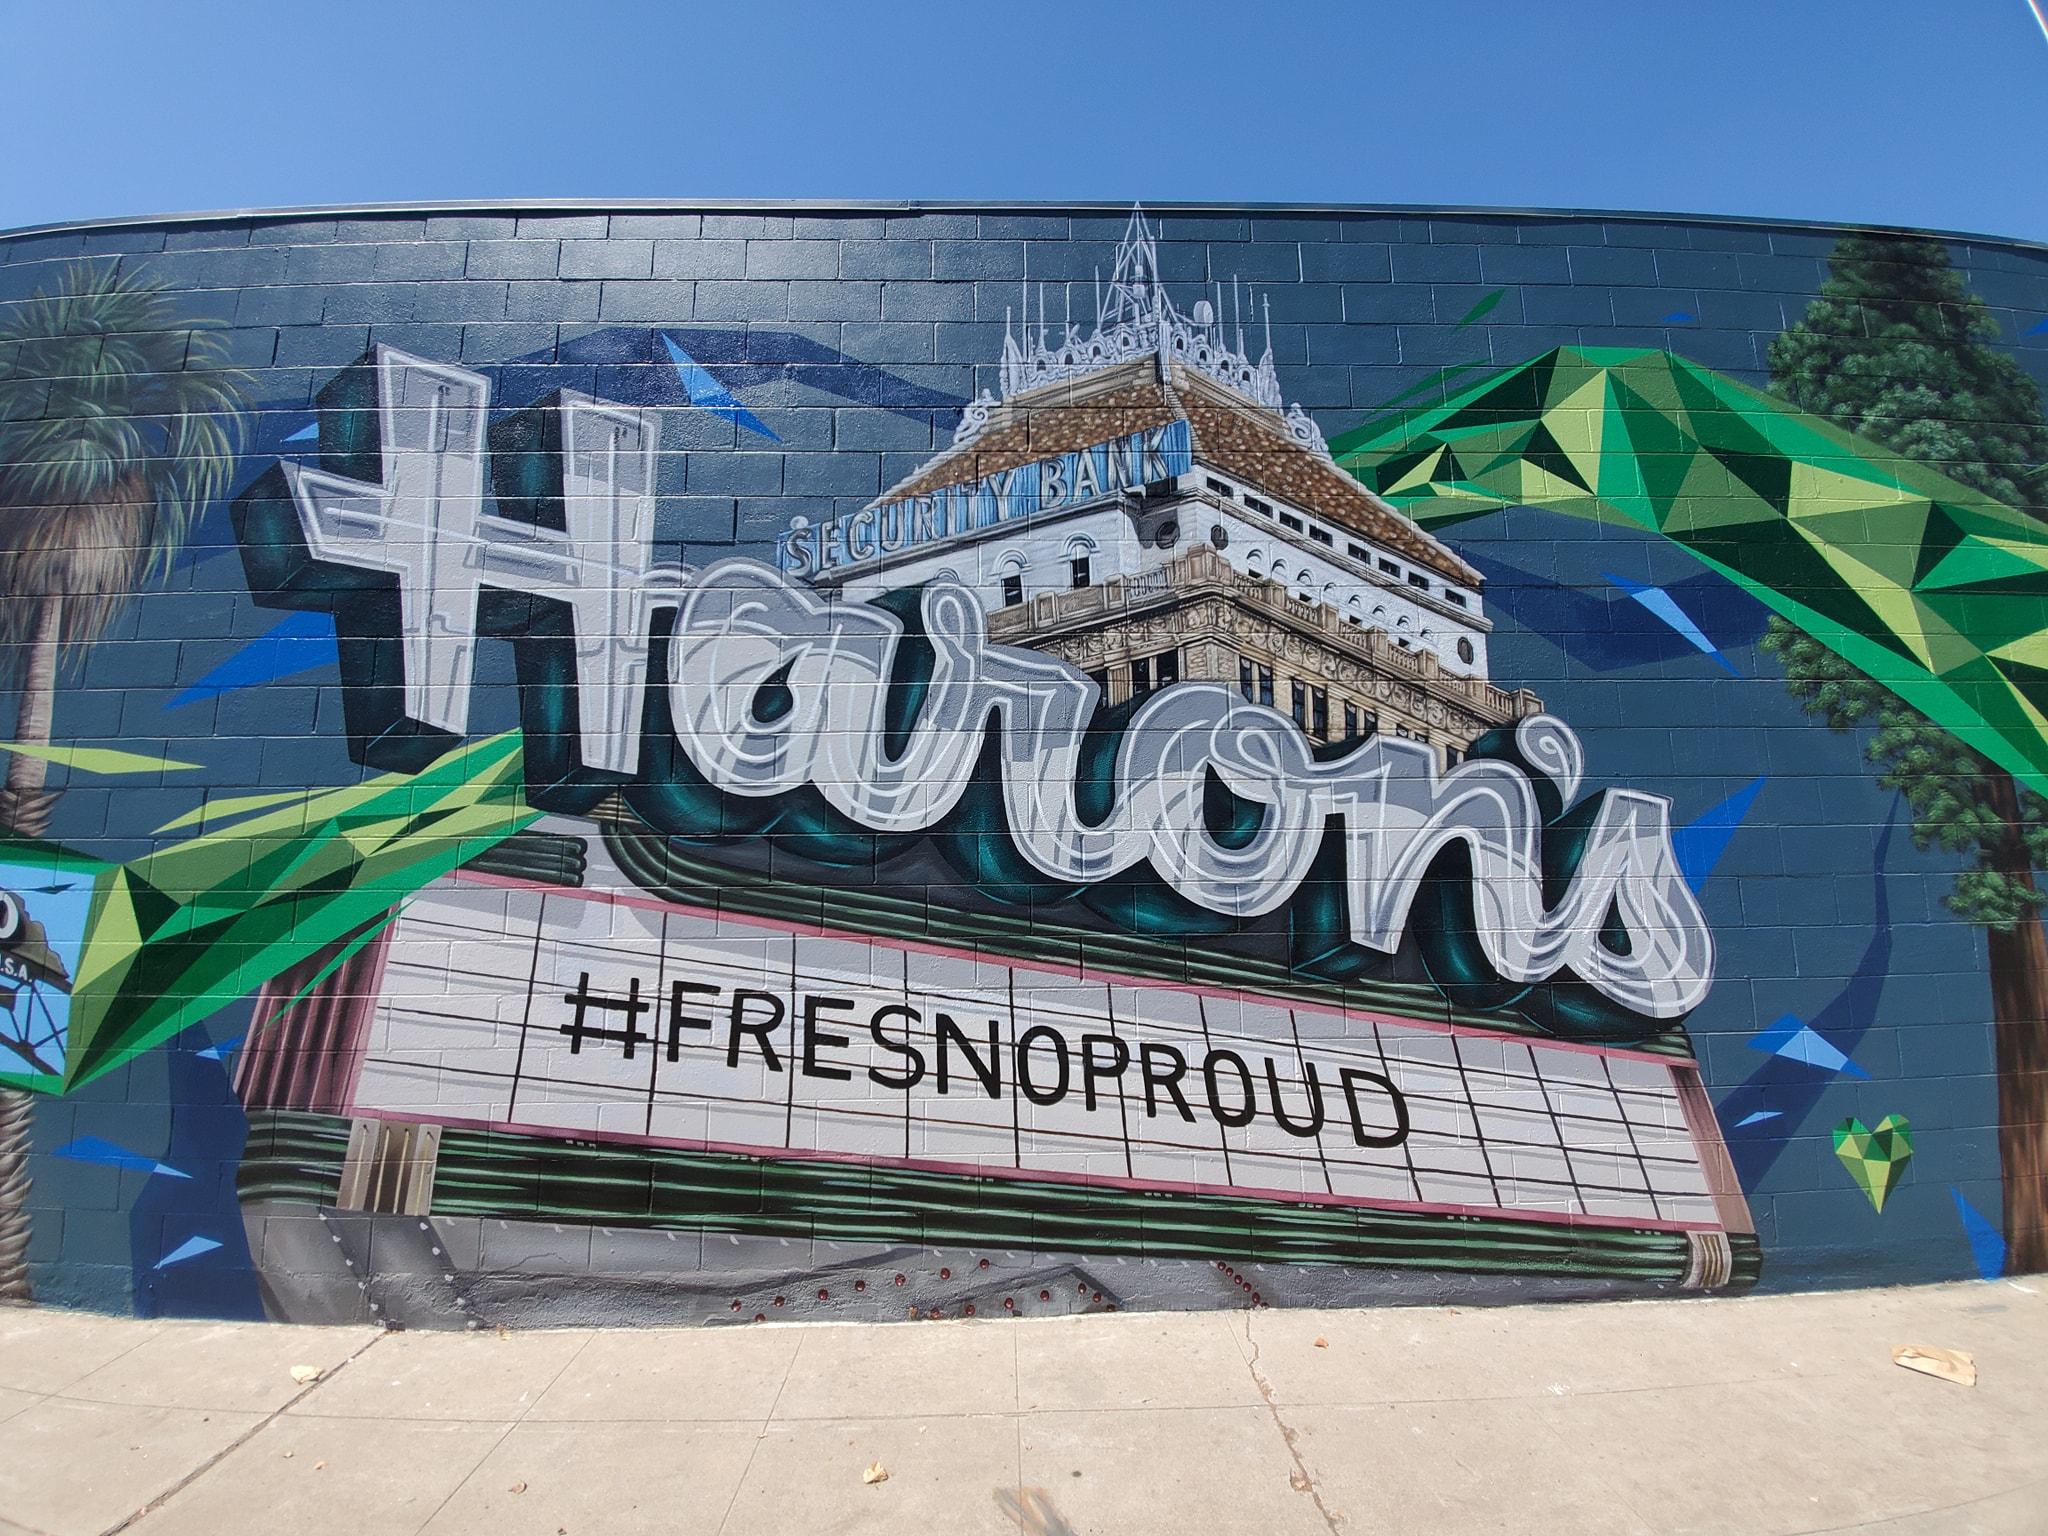 Fresno Proud Mural